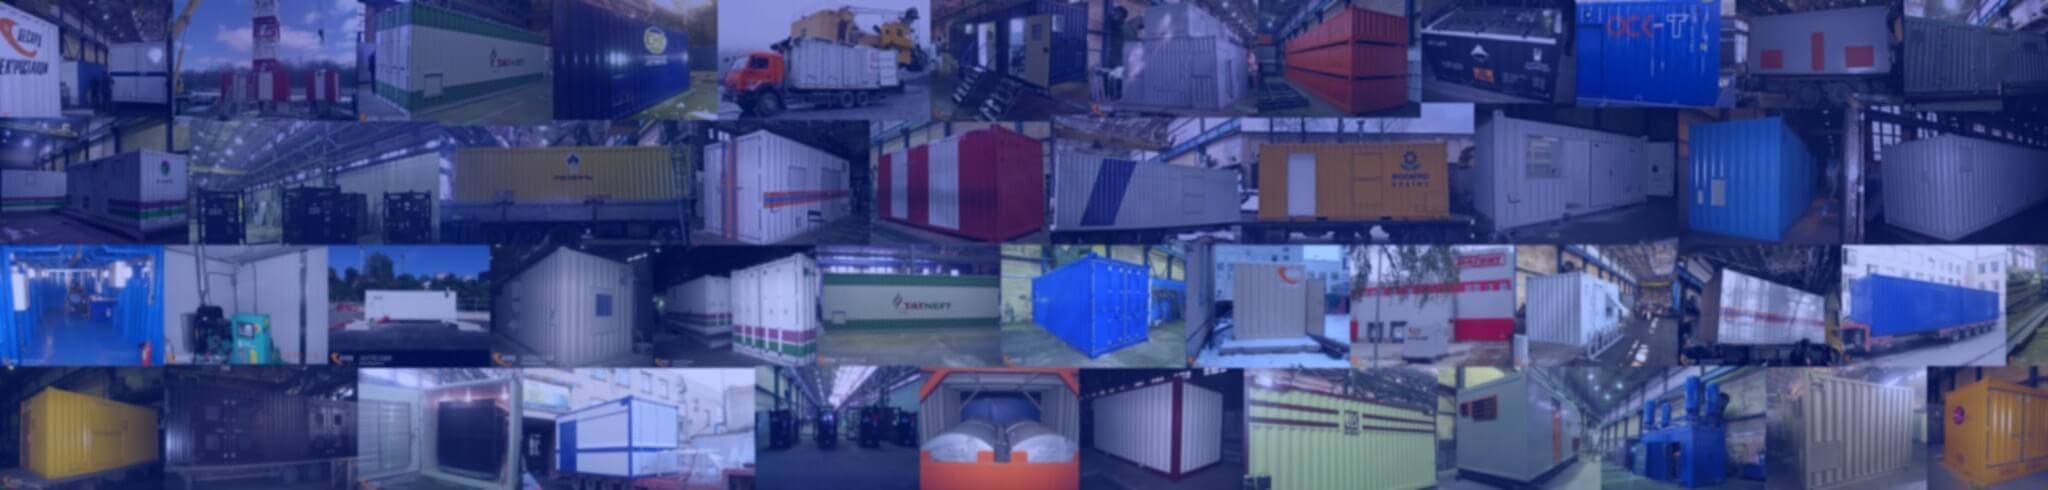 Компания Лесард. Производство контейнеров, проектирование